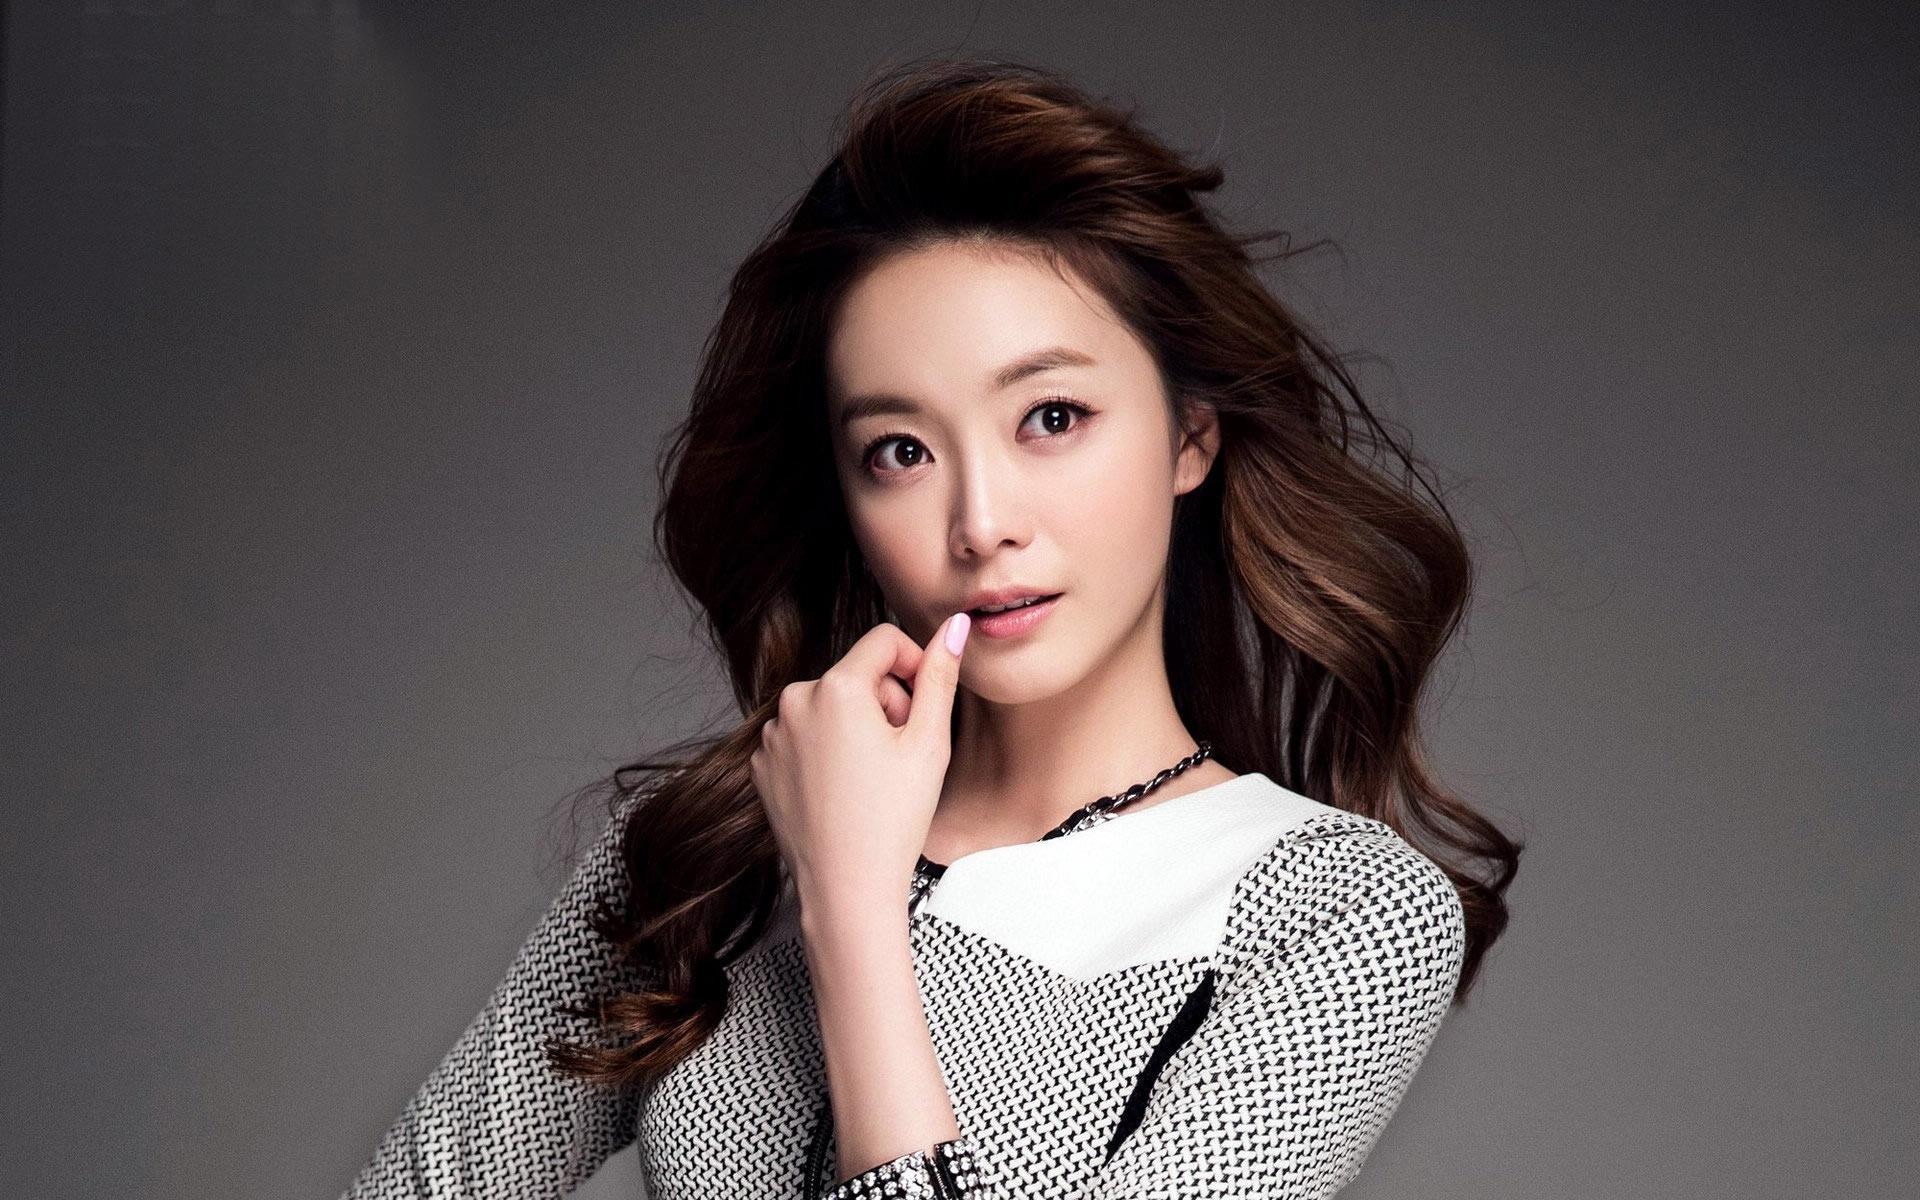 Jeon So Min Korean Beautiful Girl Hd Wallpapers 3 1920x1200